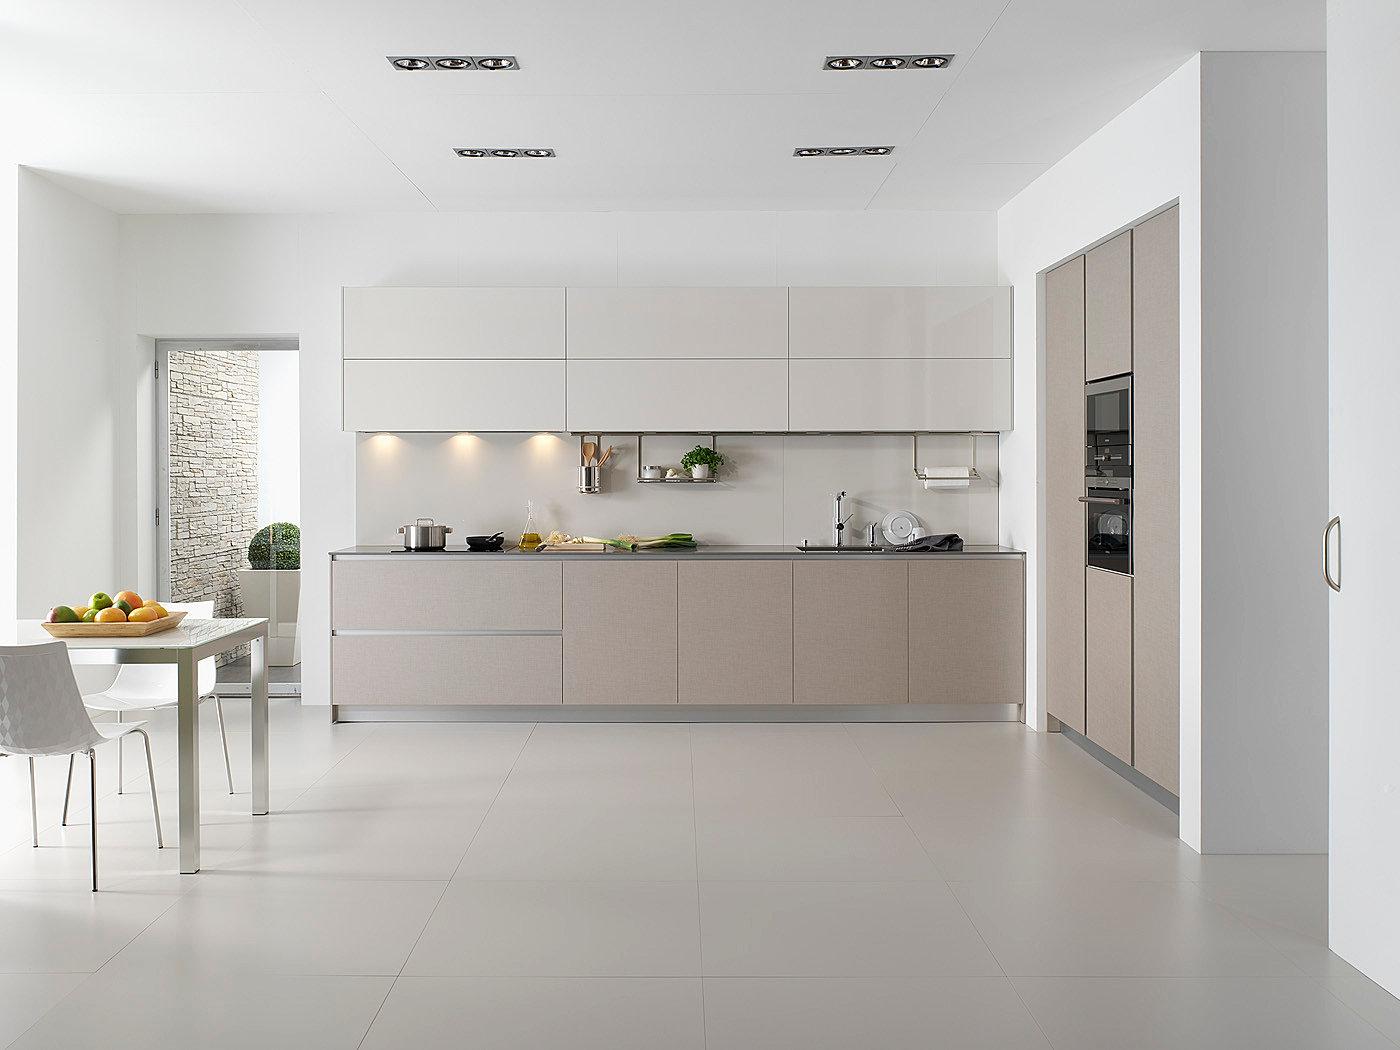 Verona cocinas muebles de cocina bilbao cocina dica 5 - Muebles de cocina en bilbao ...